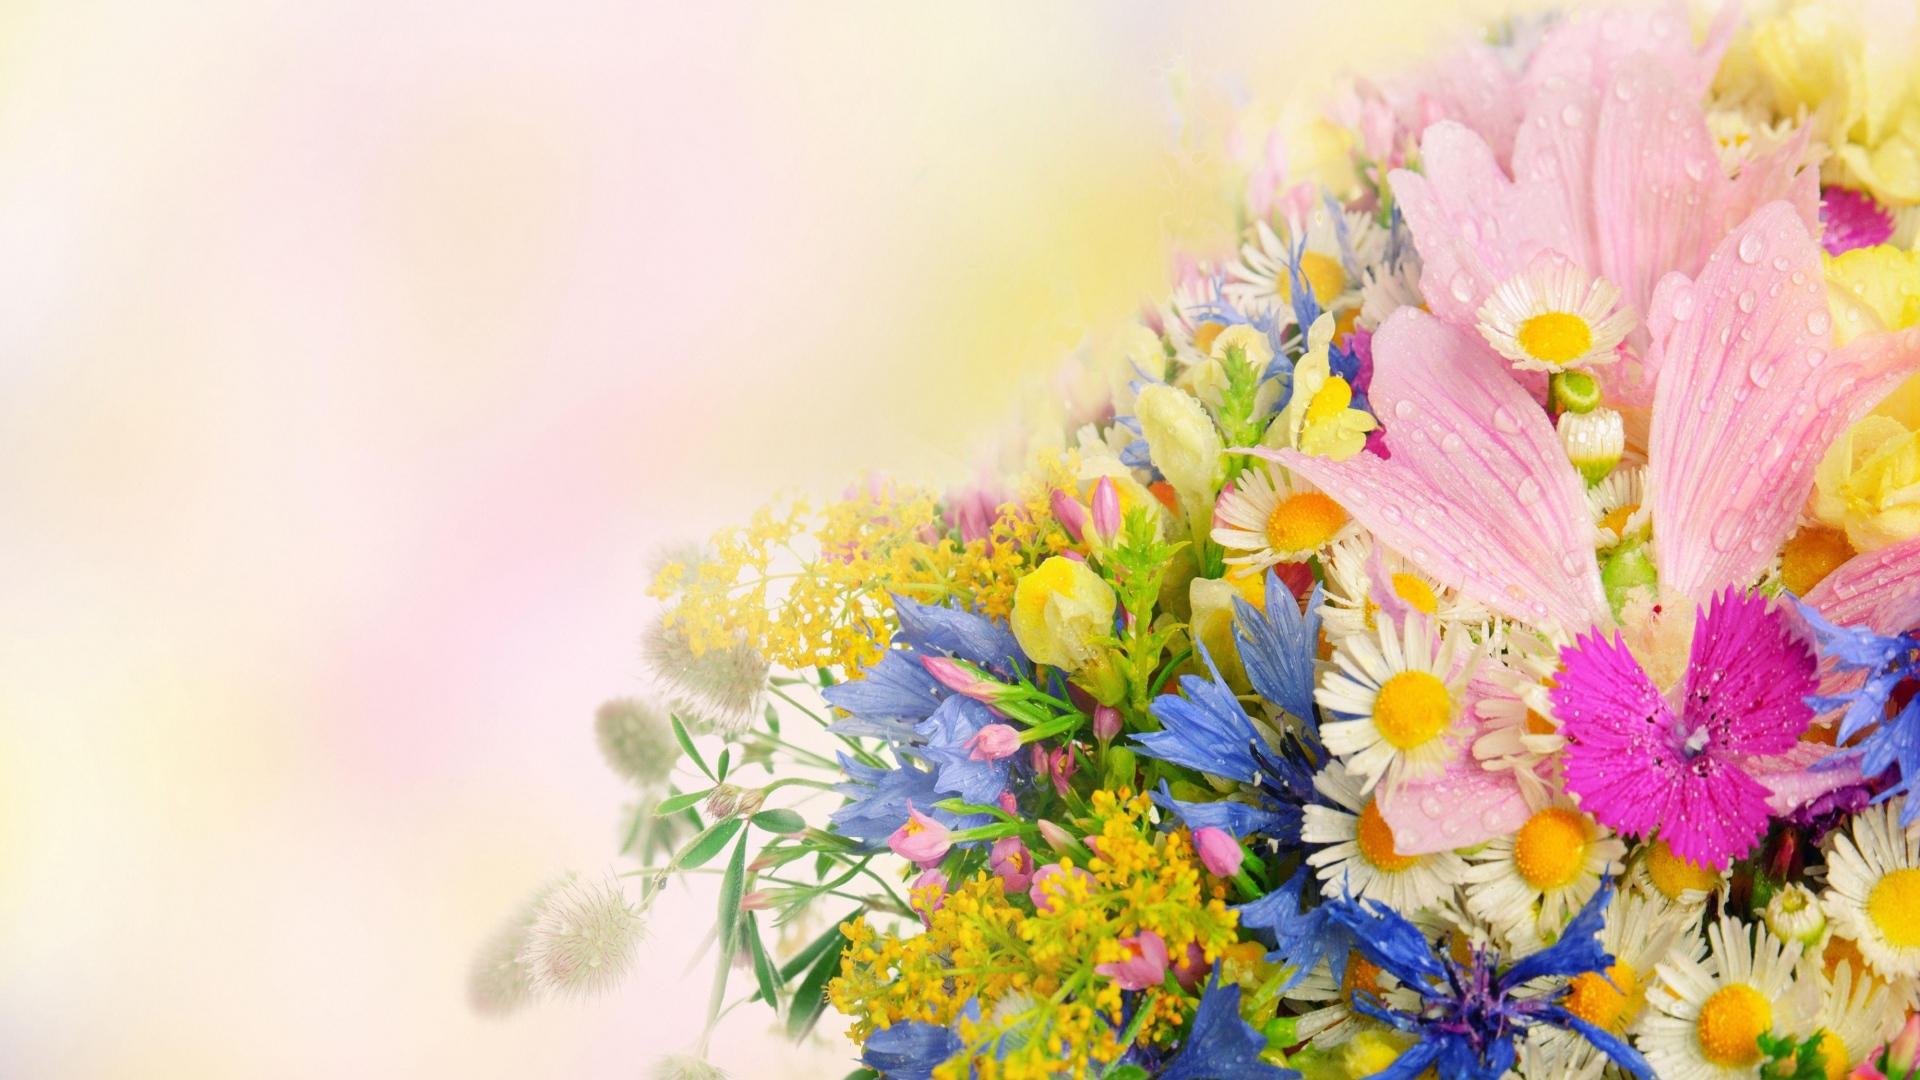 запросу тюнинг цветы для поздравления сотрудникам этого будет напрямую